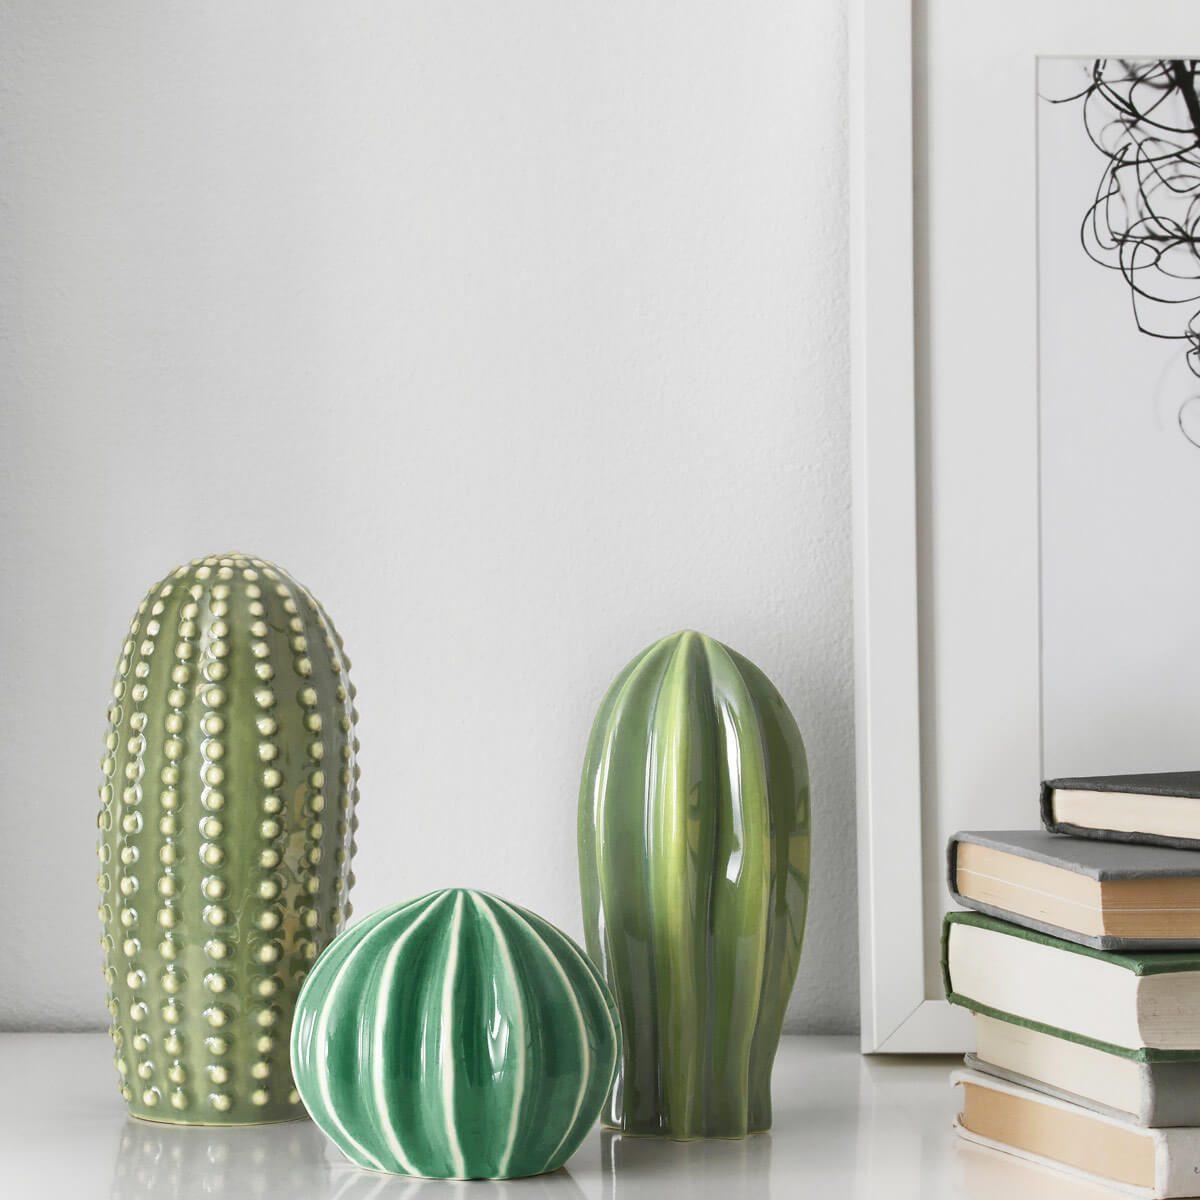 Ceramic Cactus Decorations